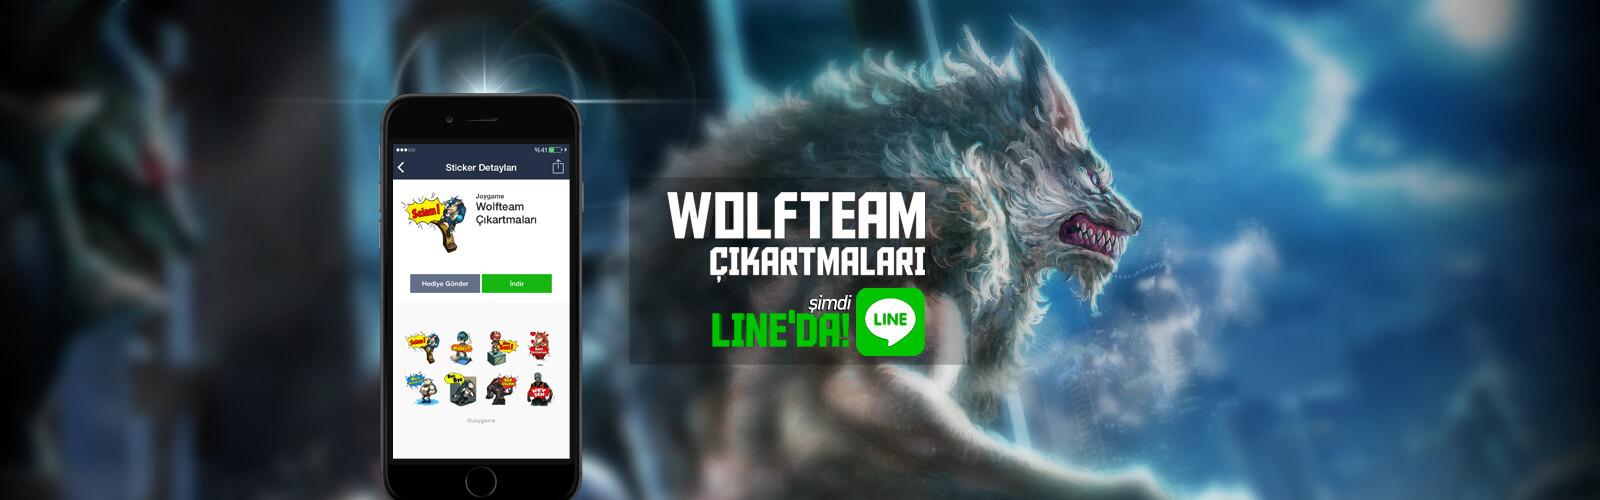 Wolfteam Line